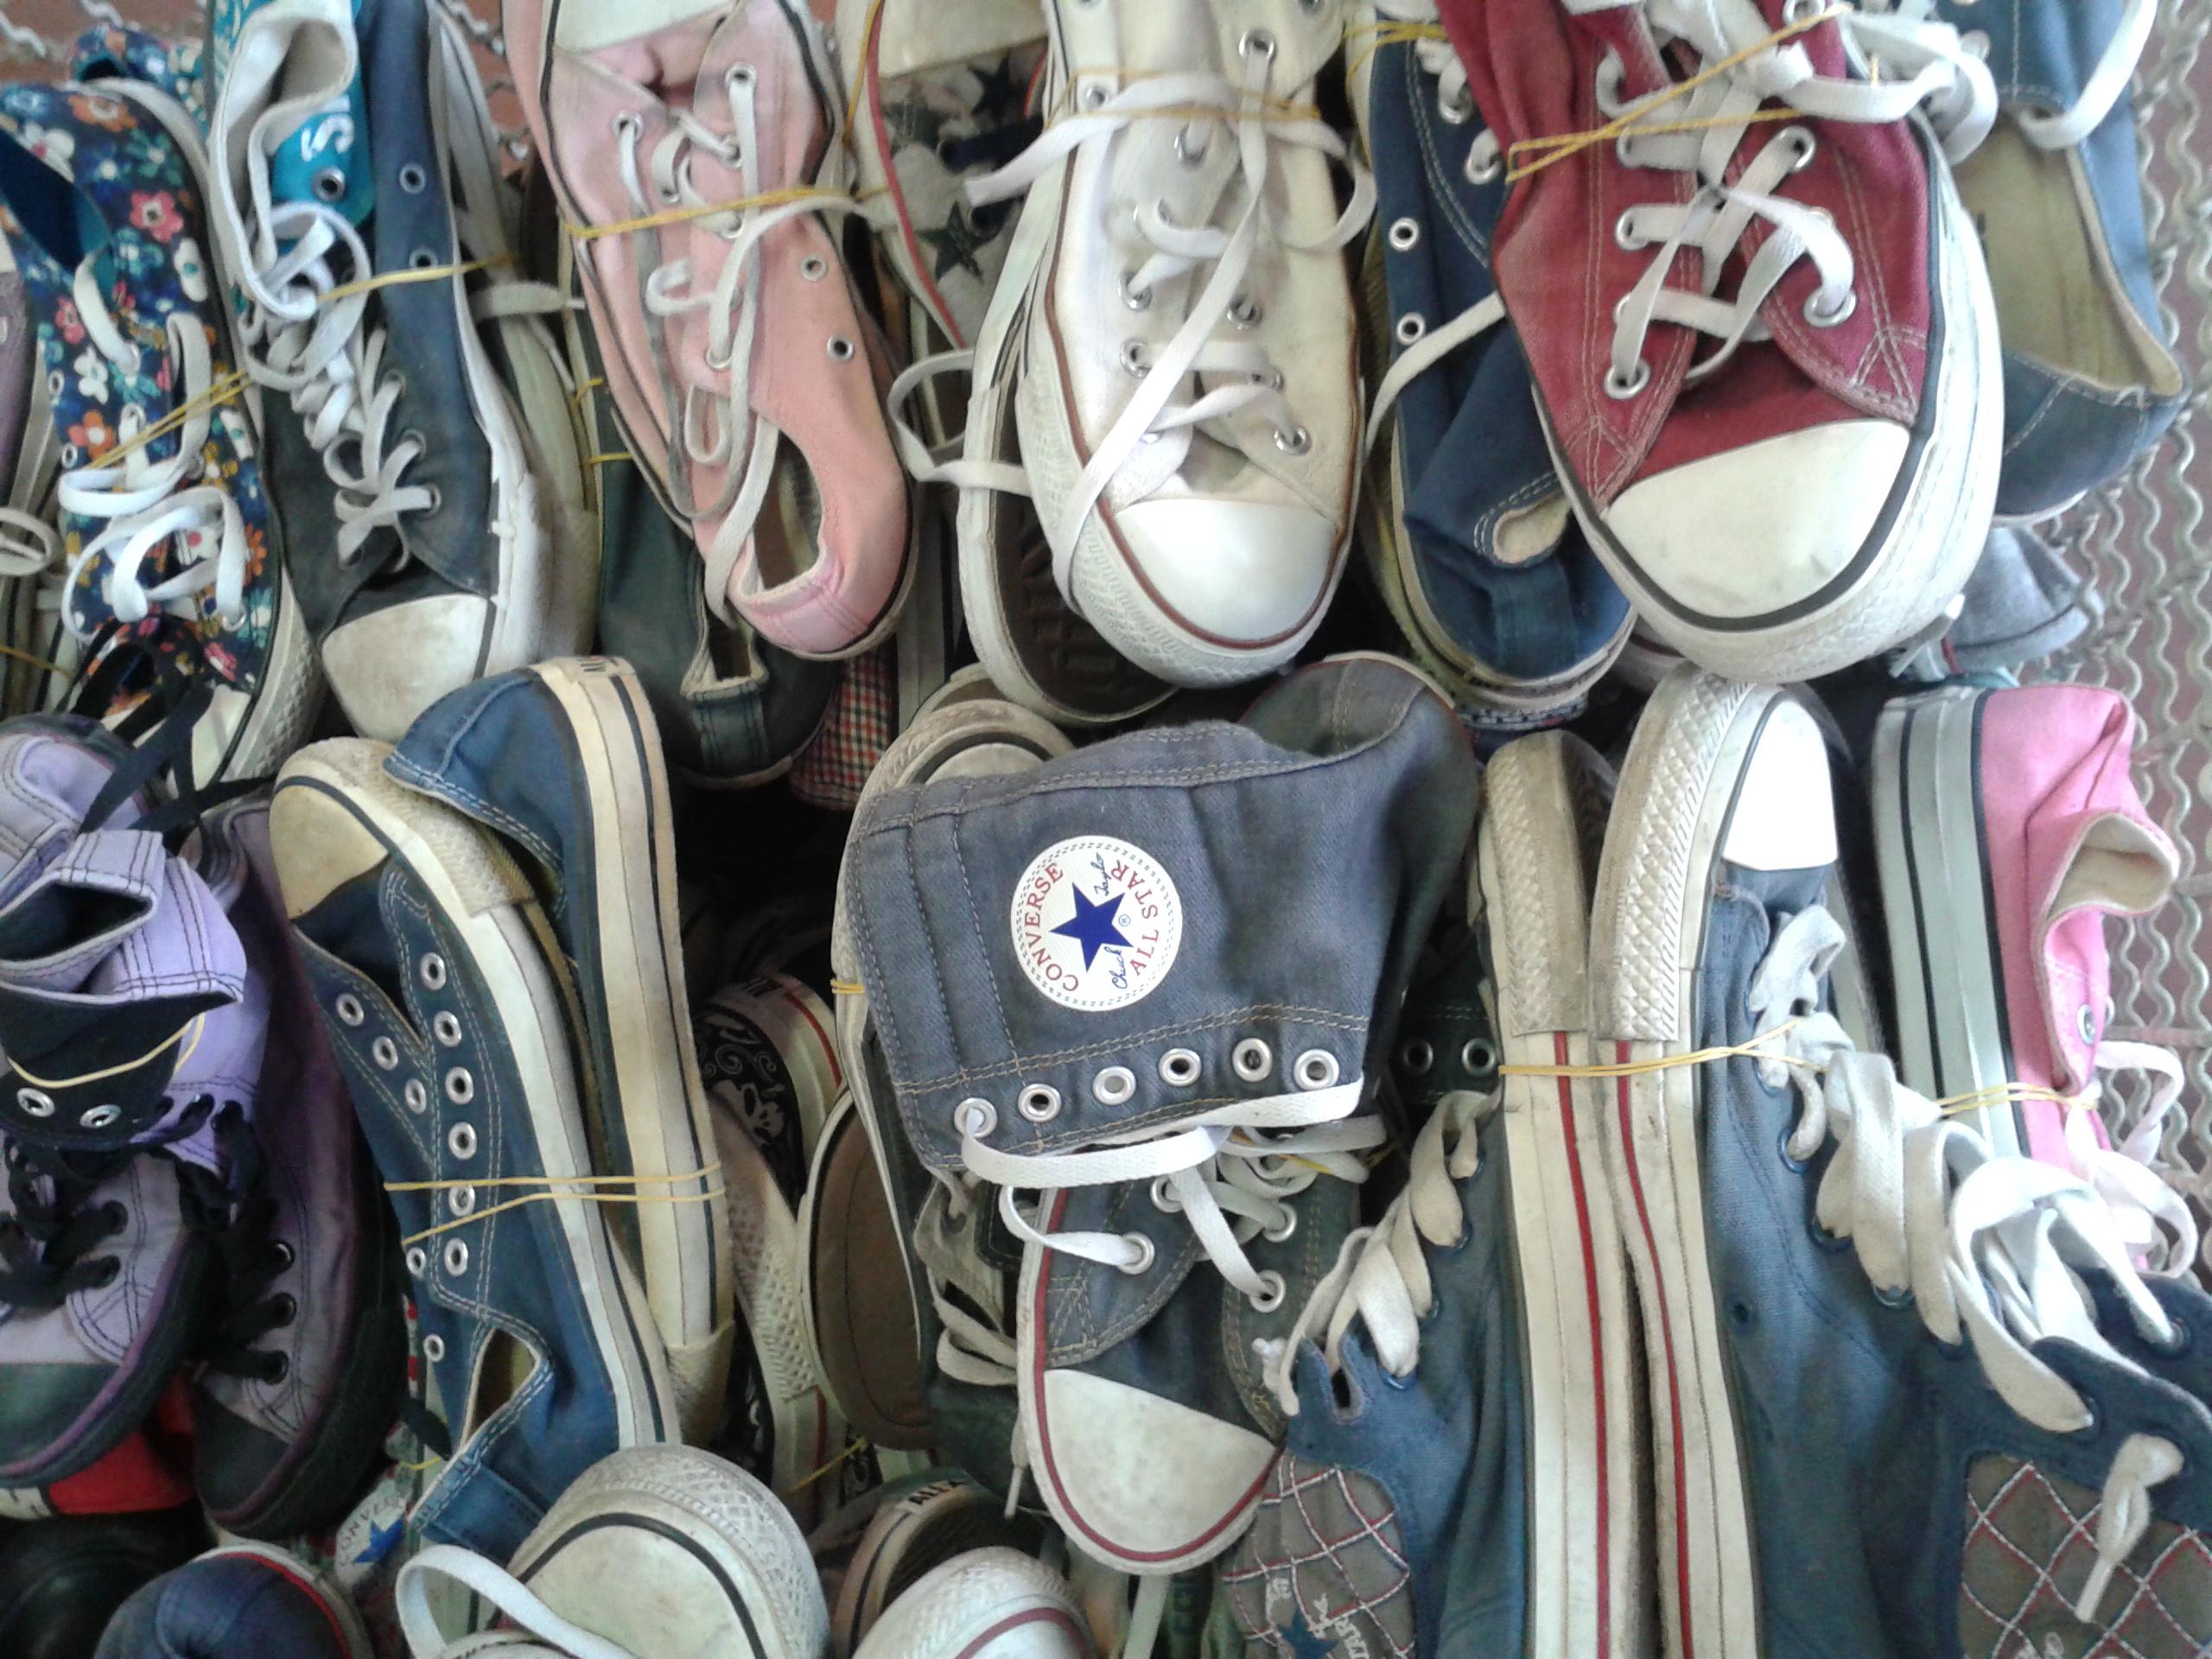 negozi scarpe converse a faenza